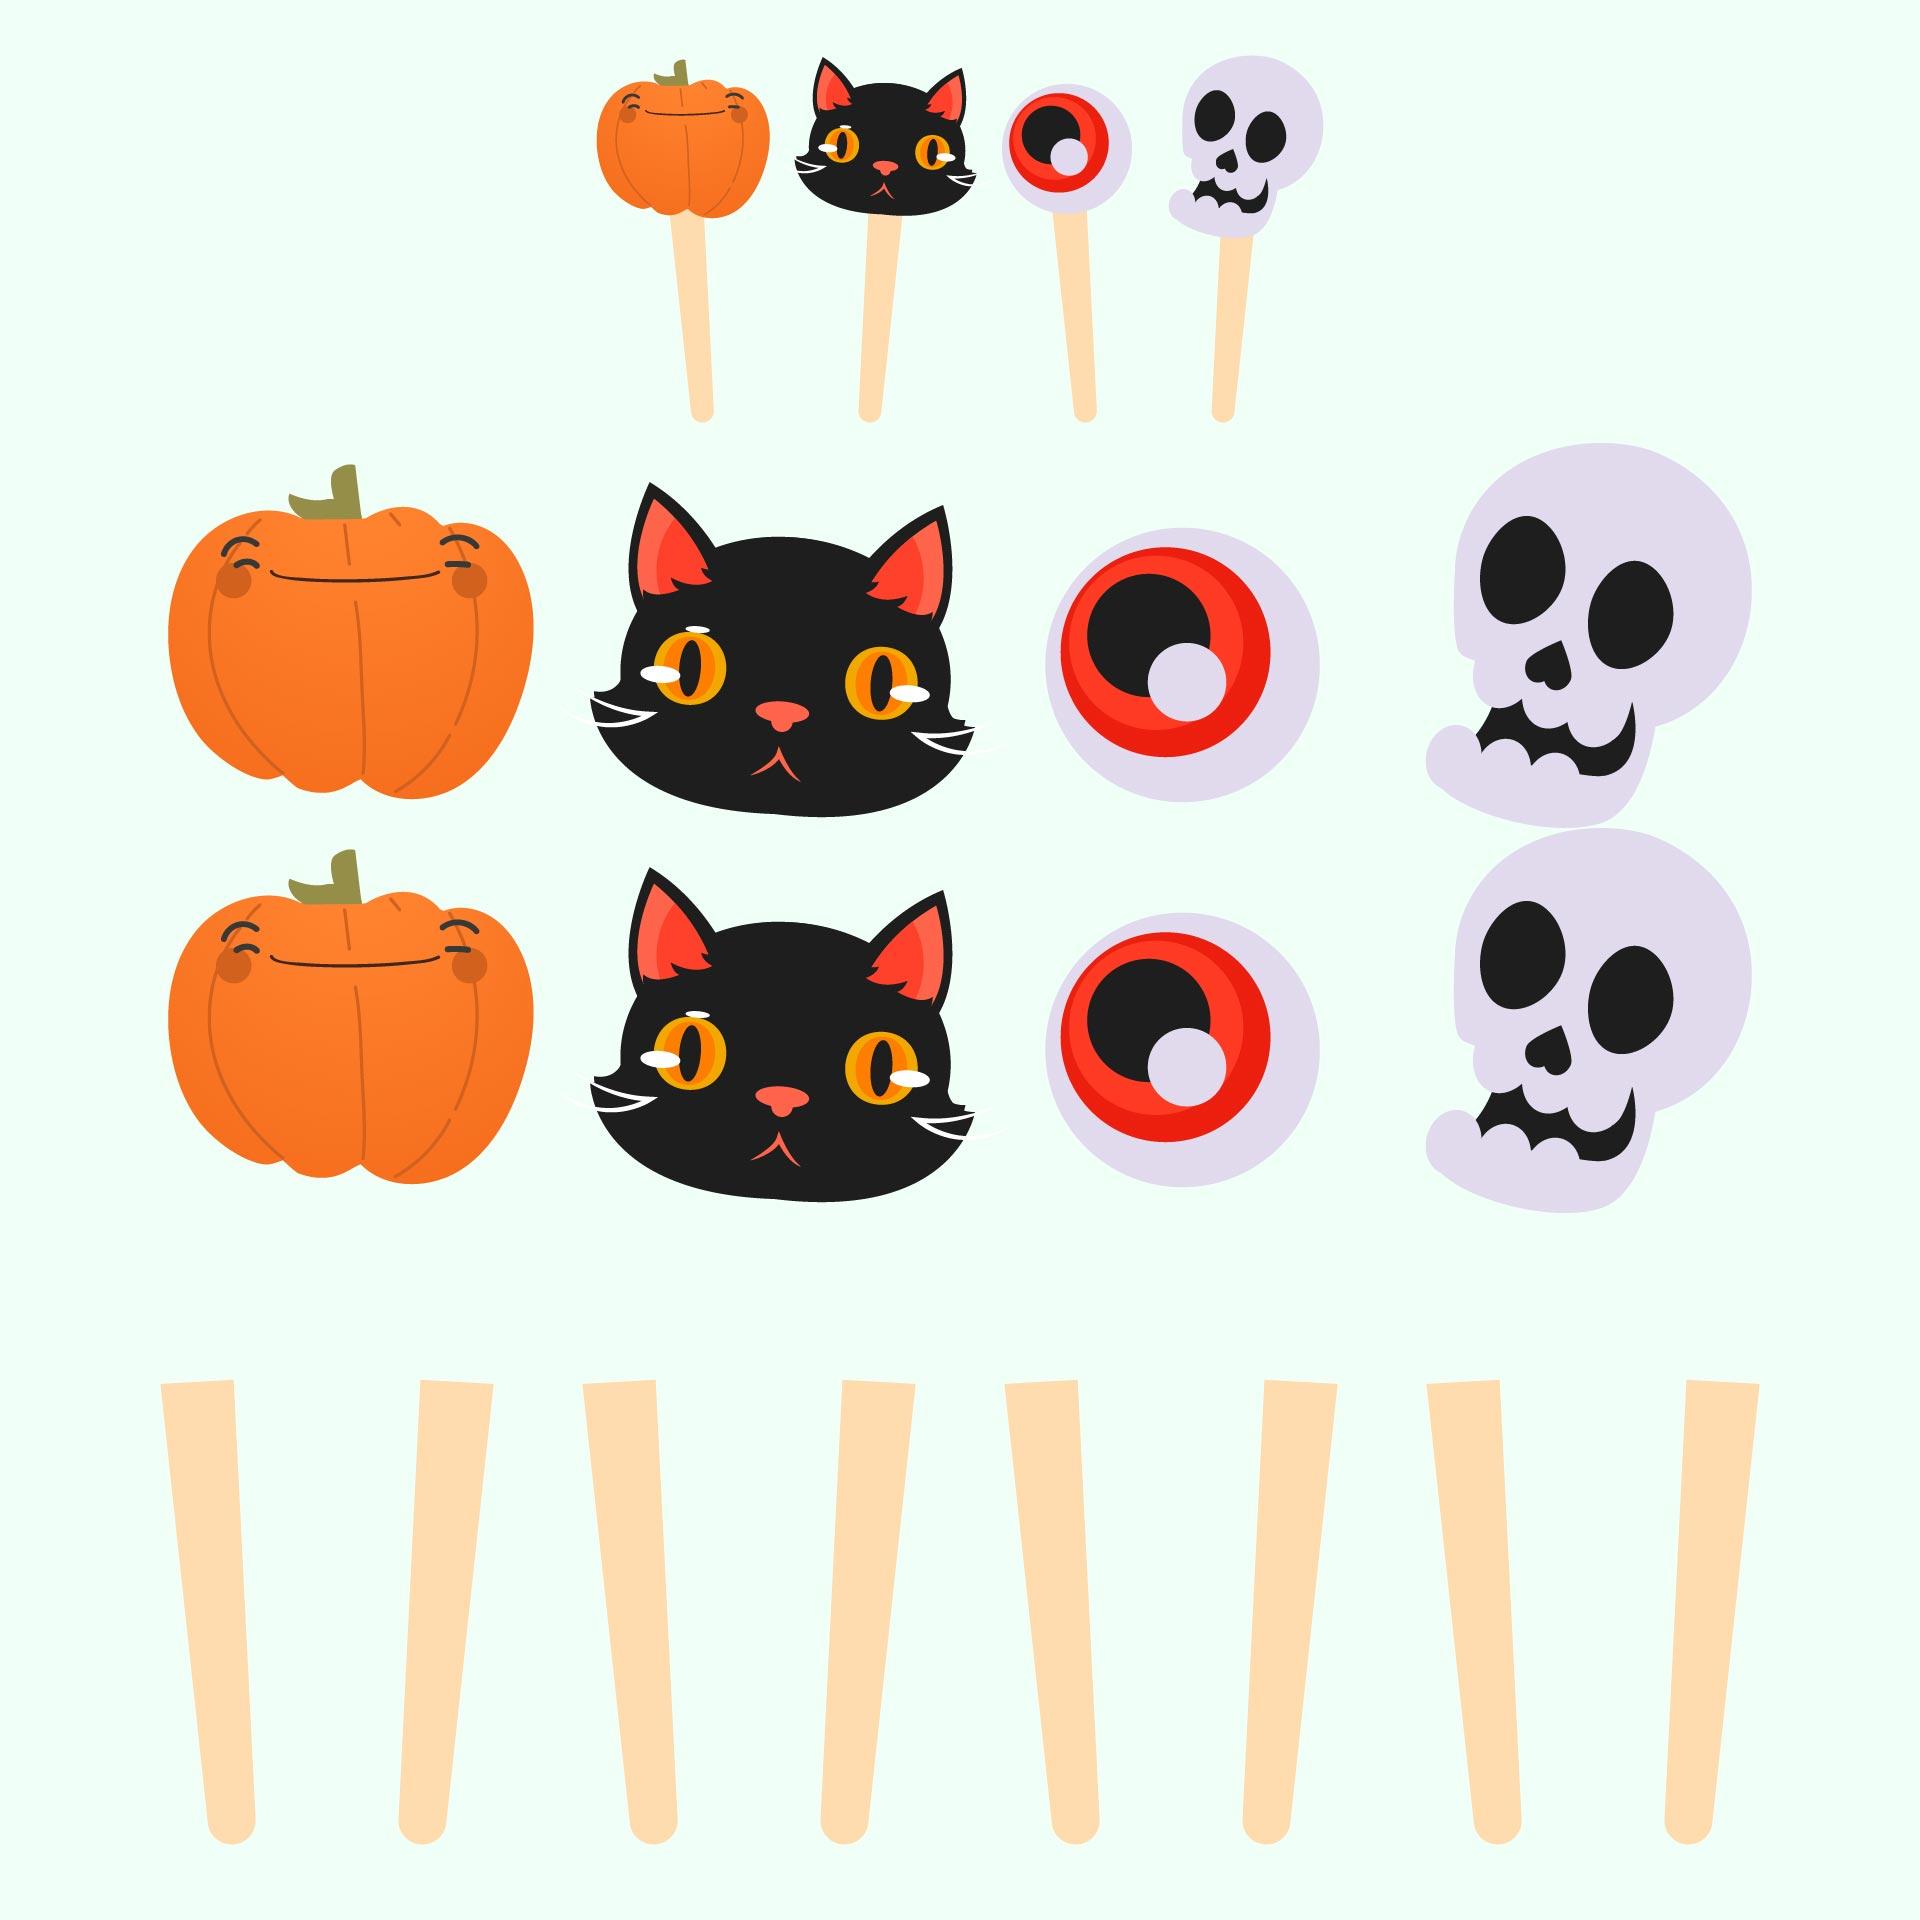 Printable Halloween Lollipop Crafts